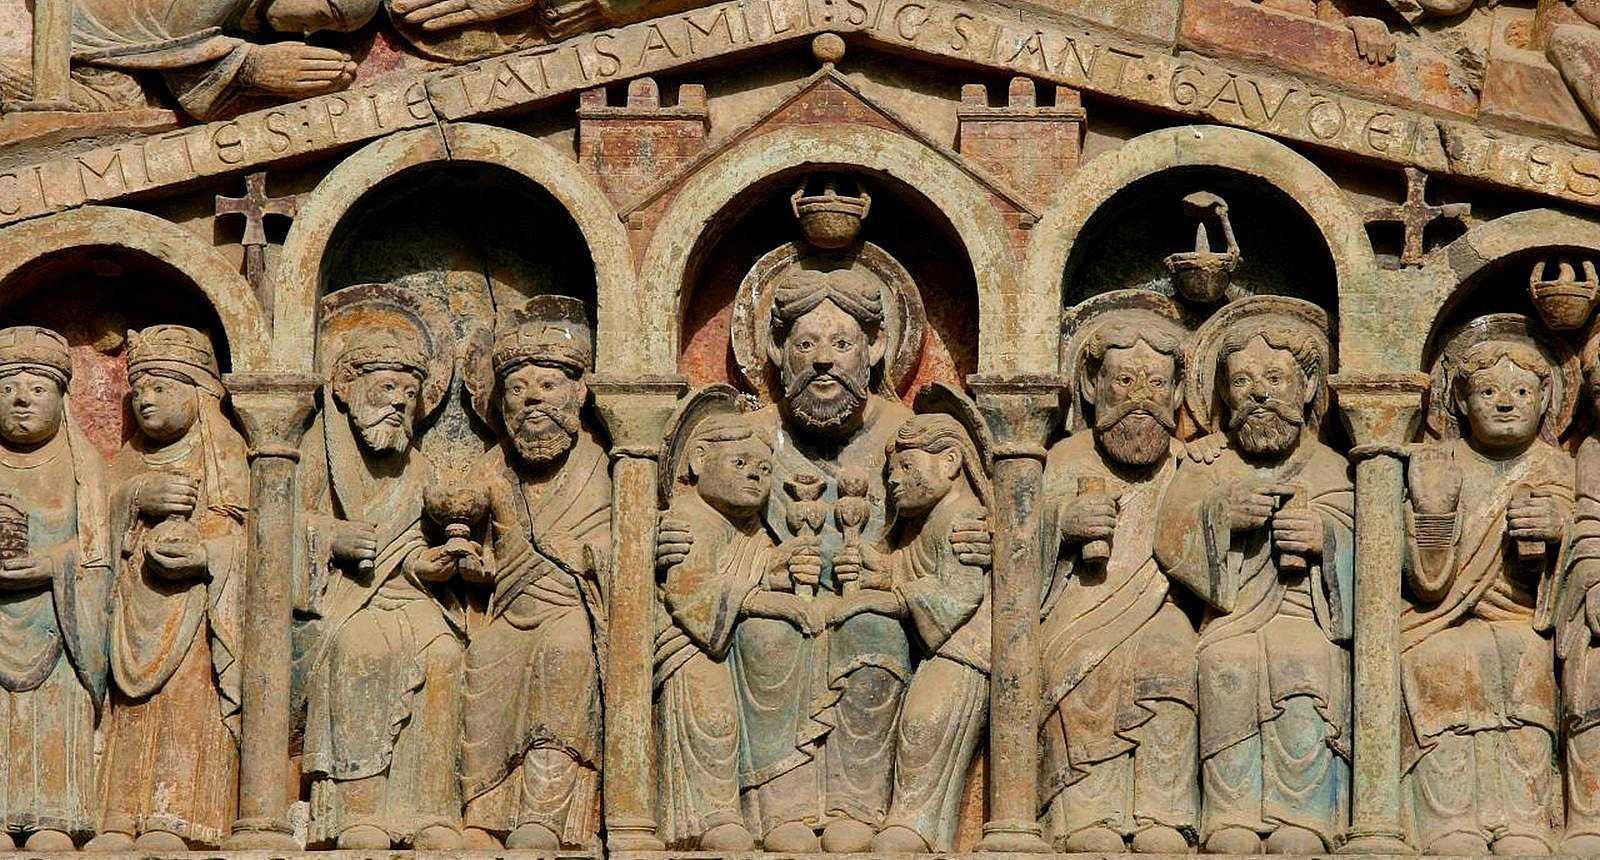 Détail du tympan sculpté de l'Abbaye de Conques (1)